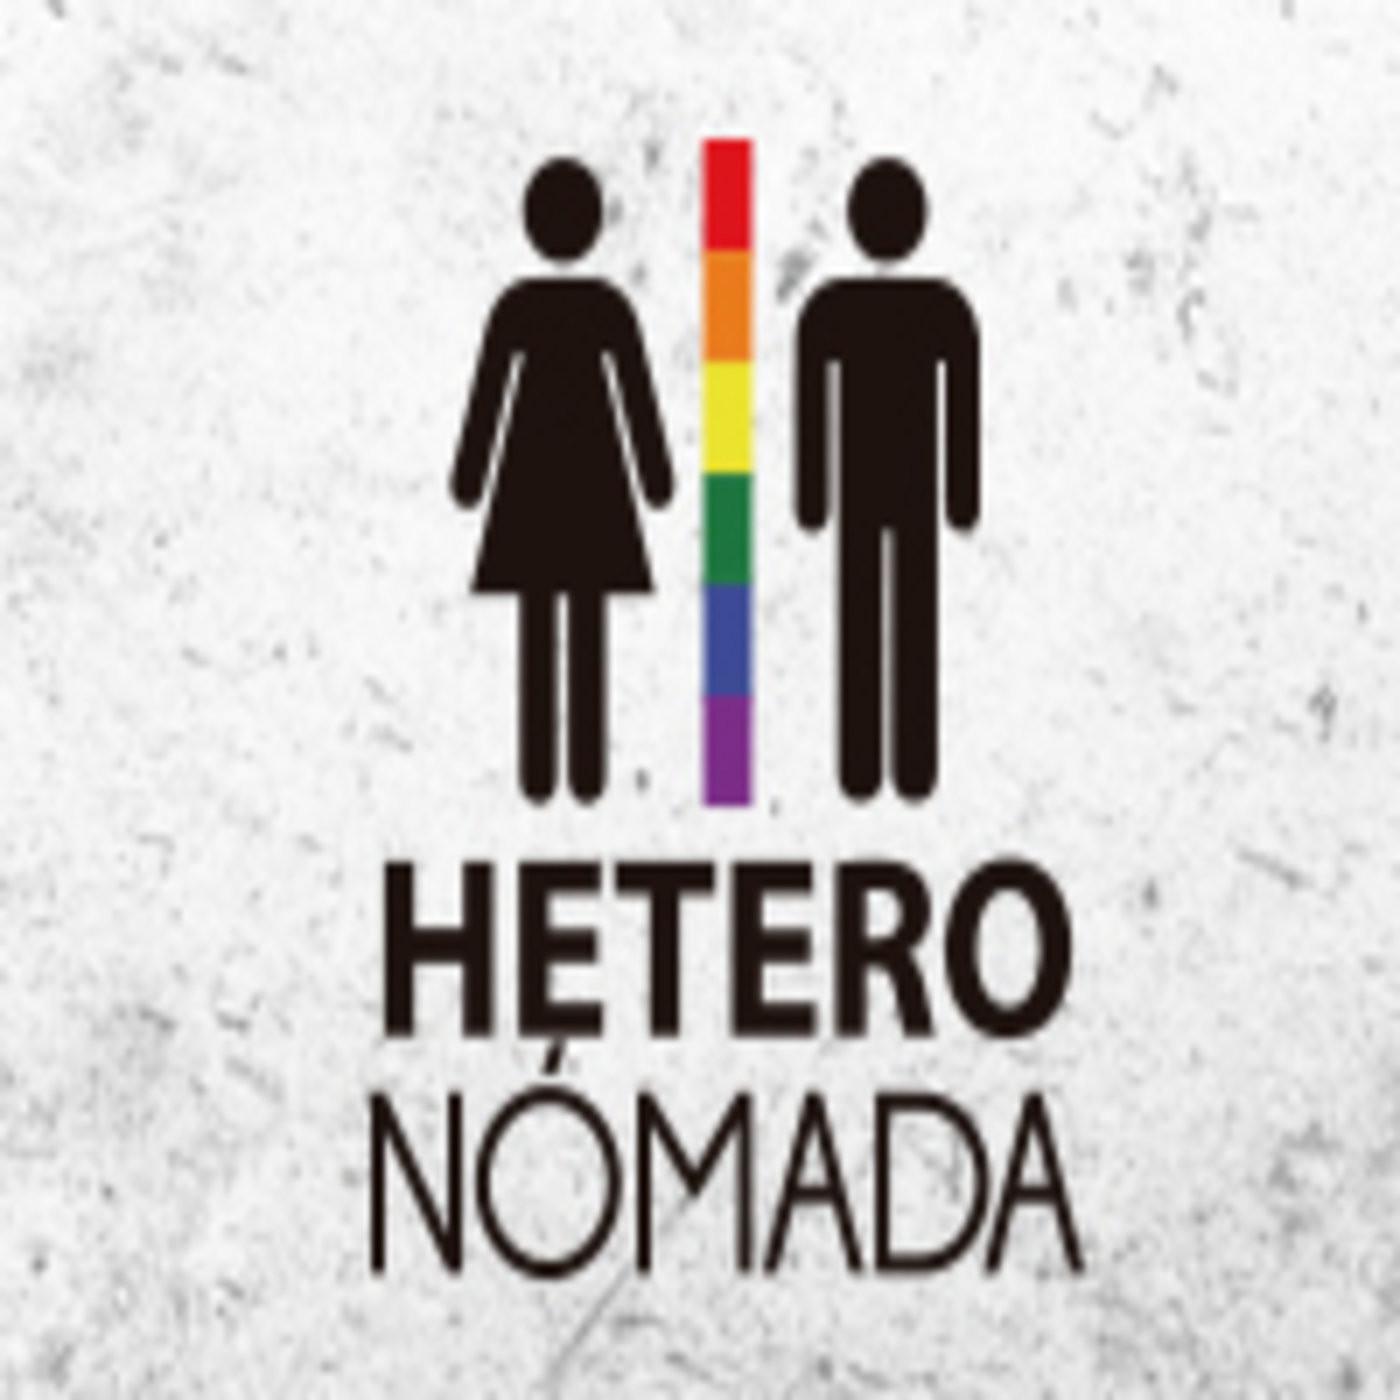 <![CDATA[Podcast Heteronómada]]>